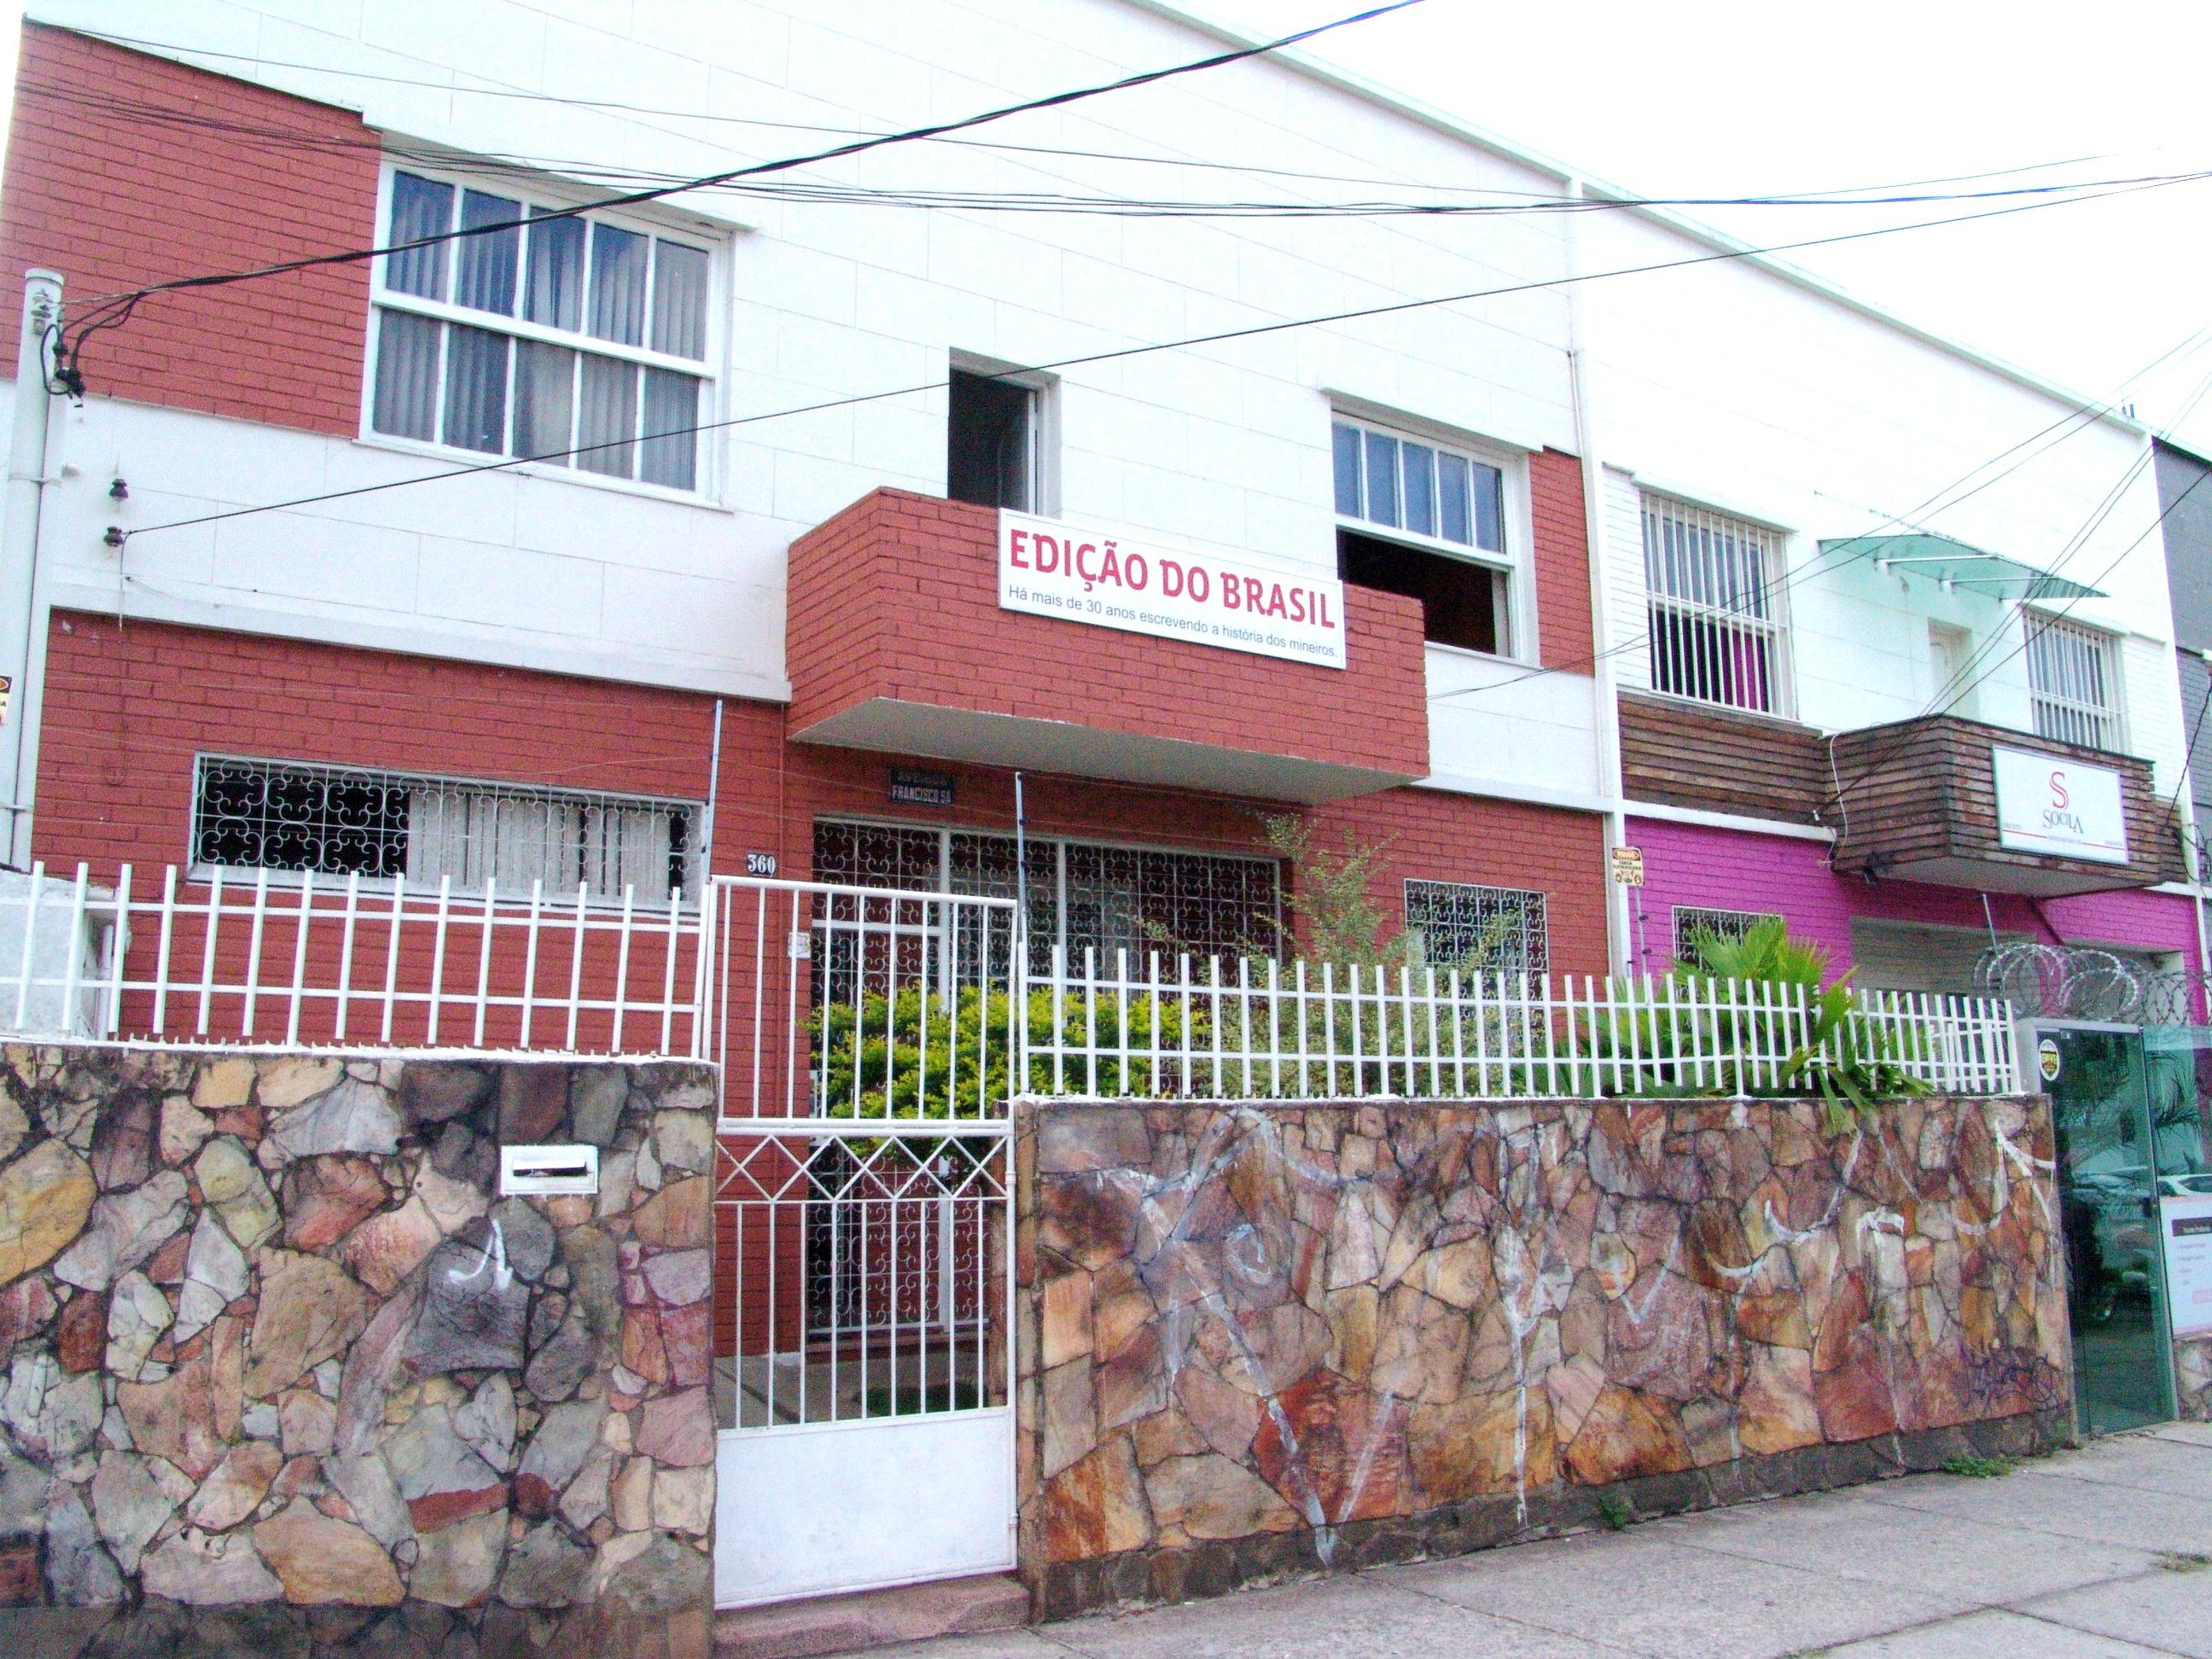 Sede do jornal fica no Prado, um dos mais tradicionais bairros de Belo Horizonte